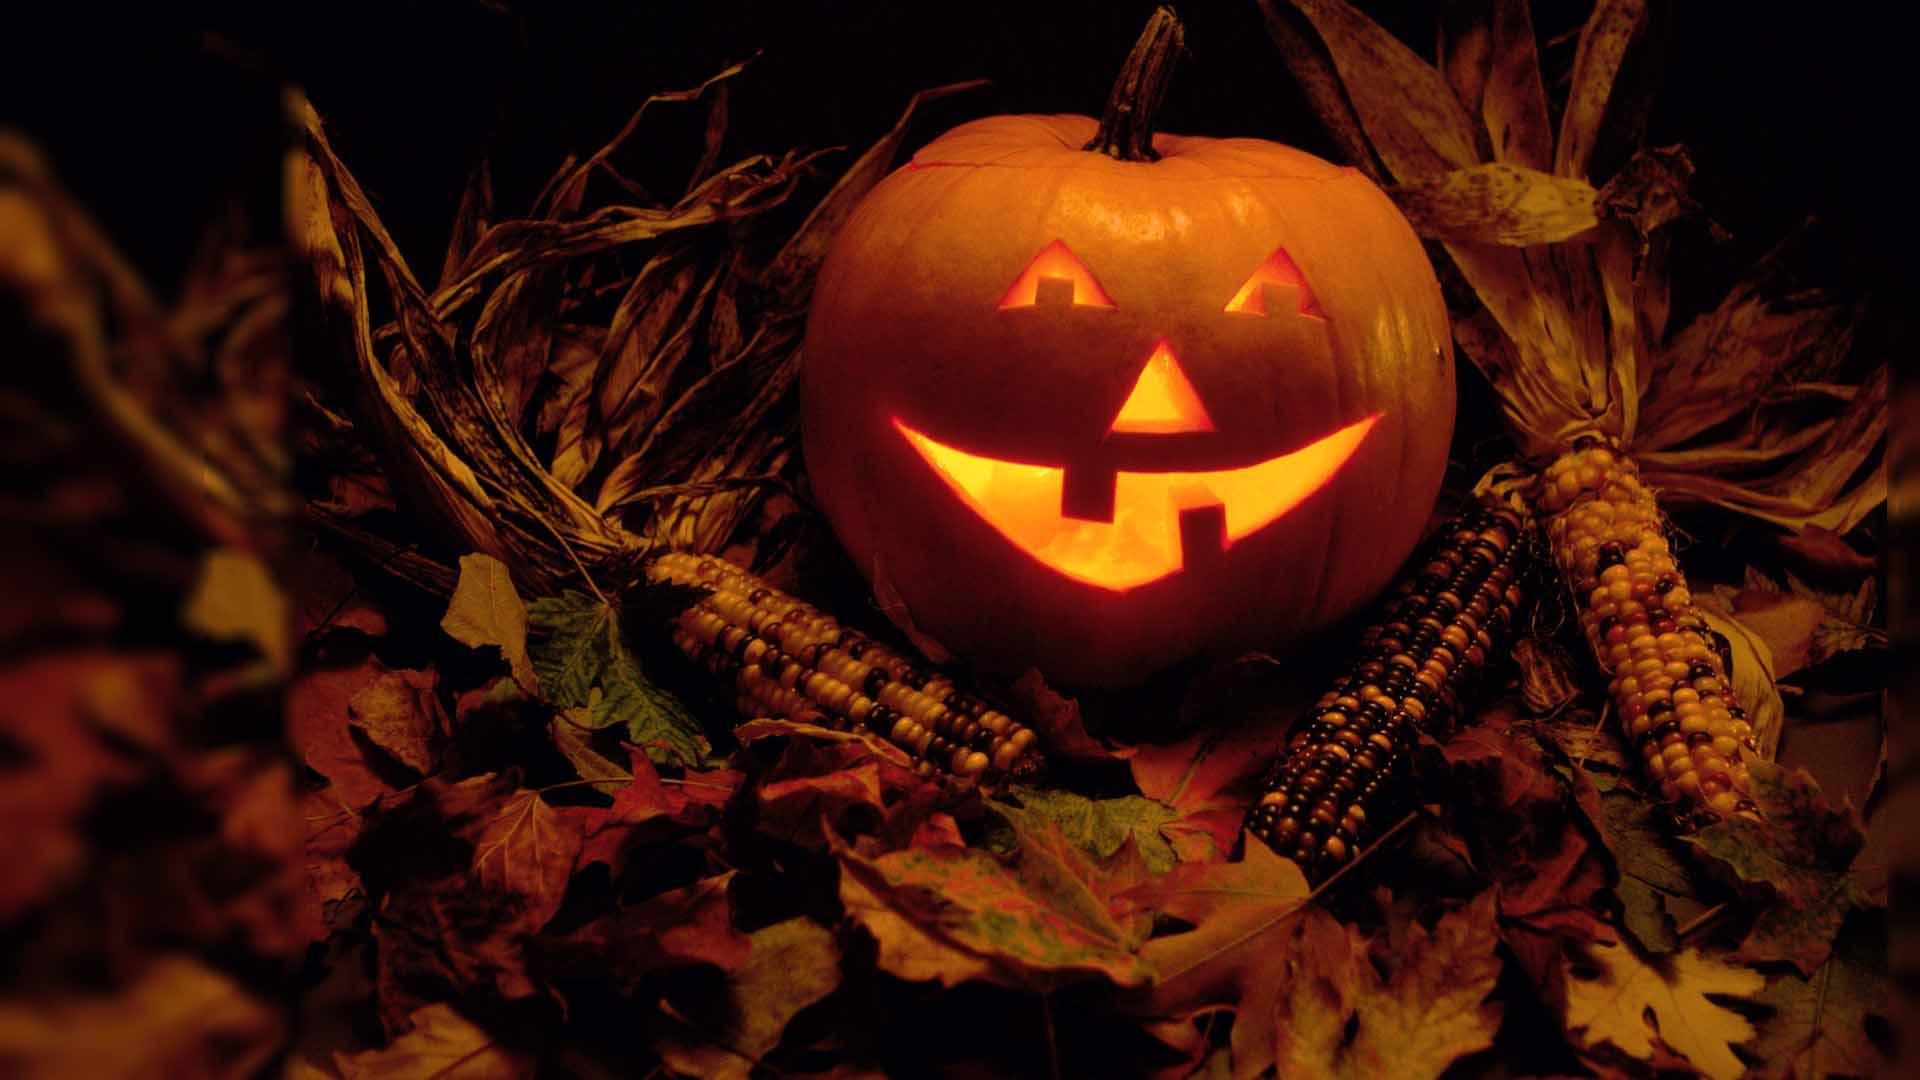 Laughing Pumpkin On Halloween Wallpaper